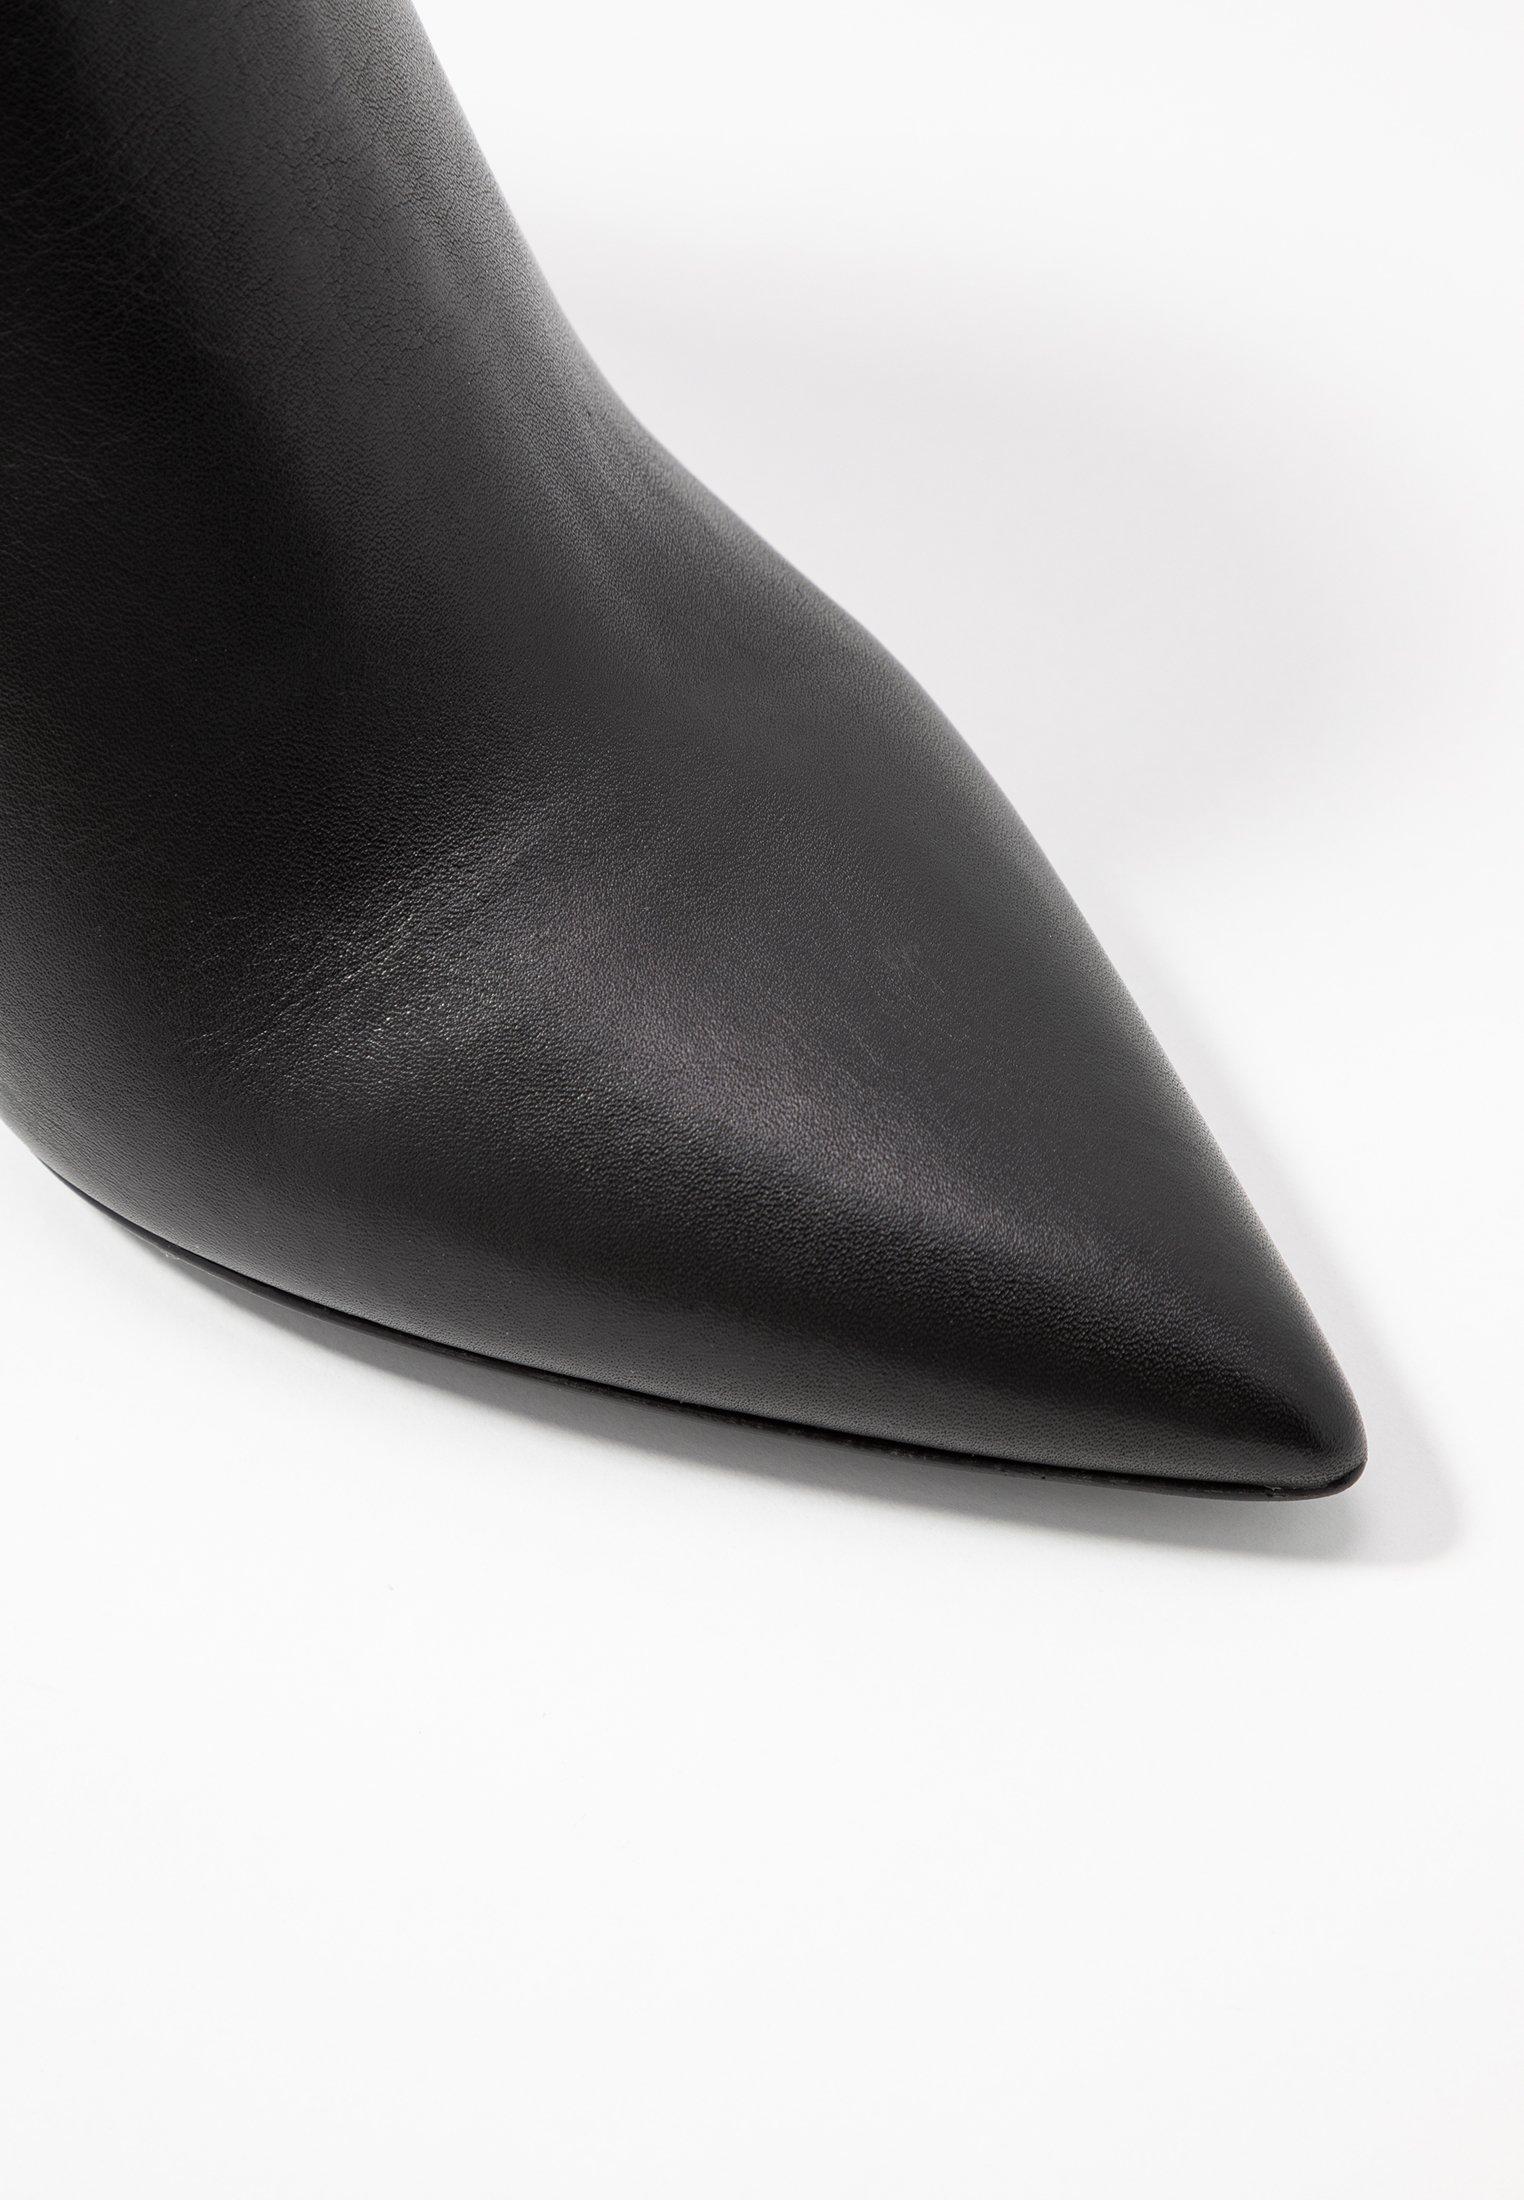 Bianca Di Ankelboots Med Høye Hæler - Nero/svart